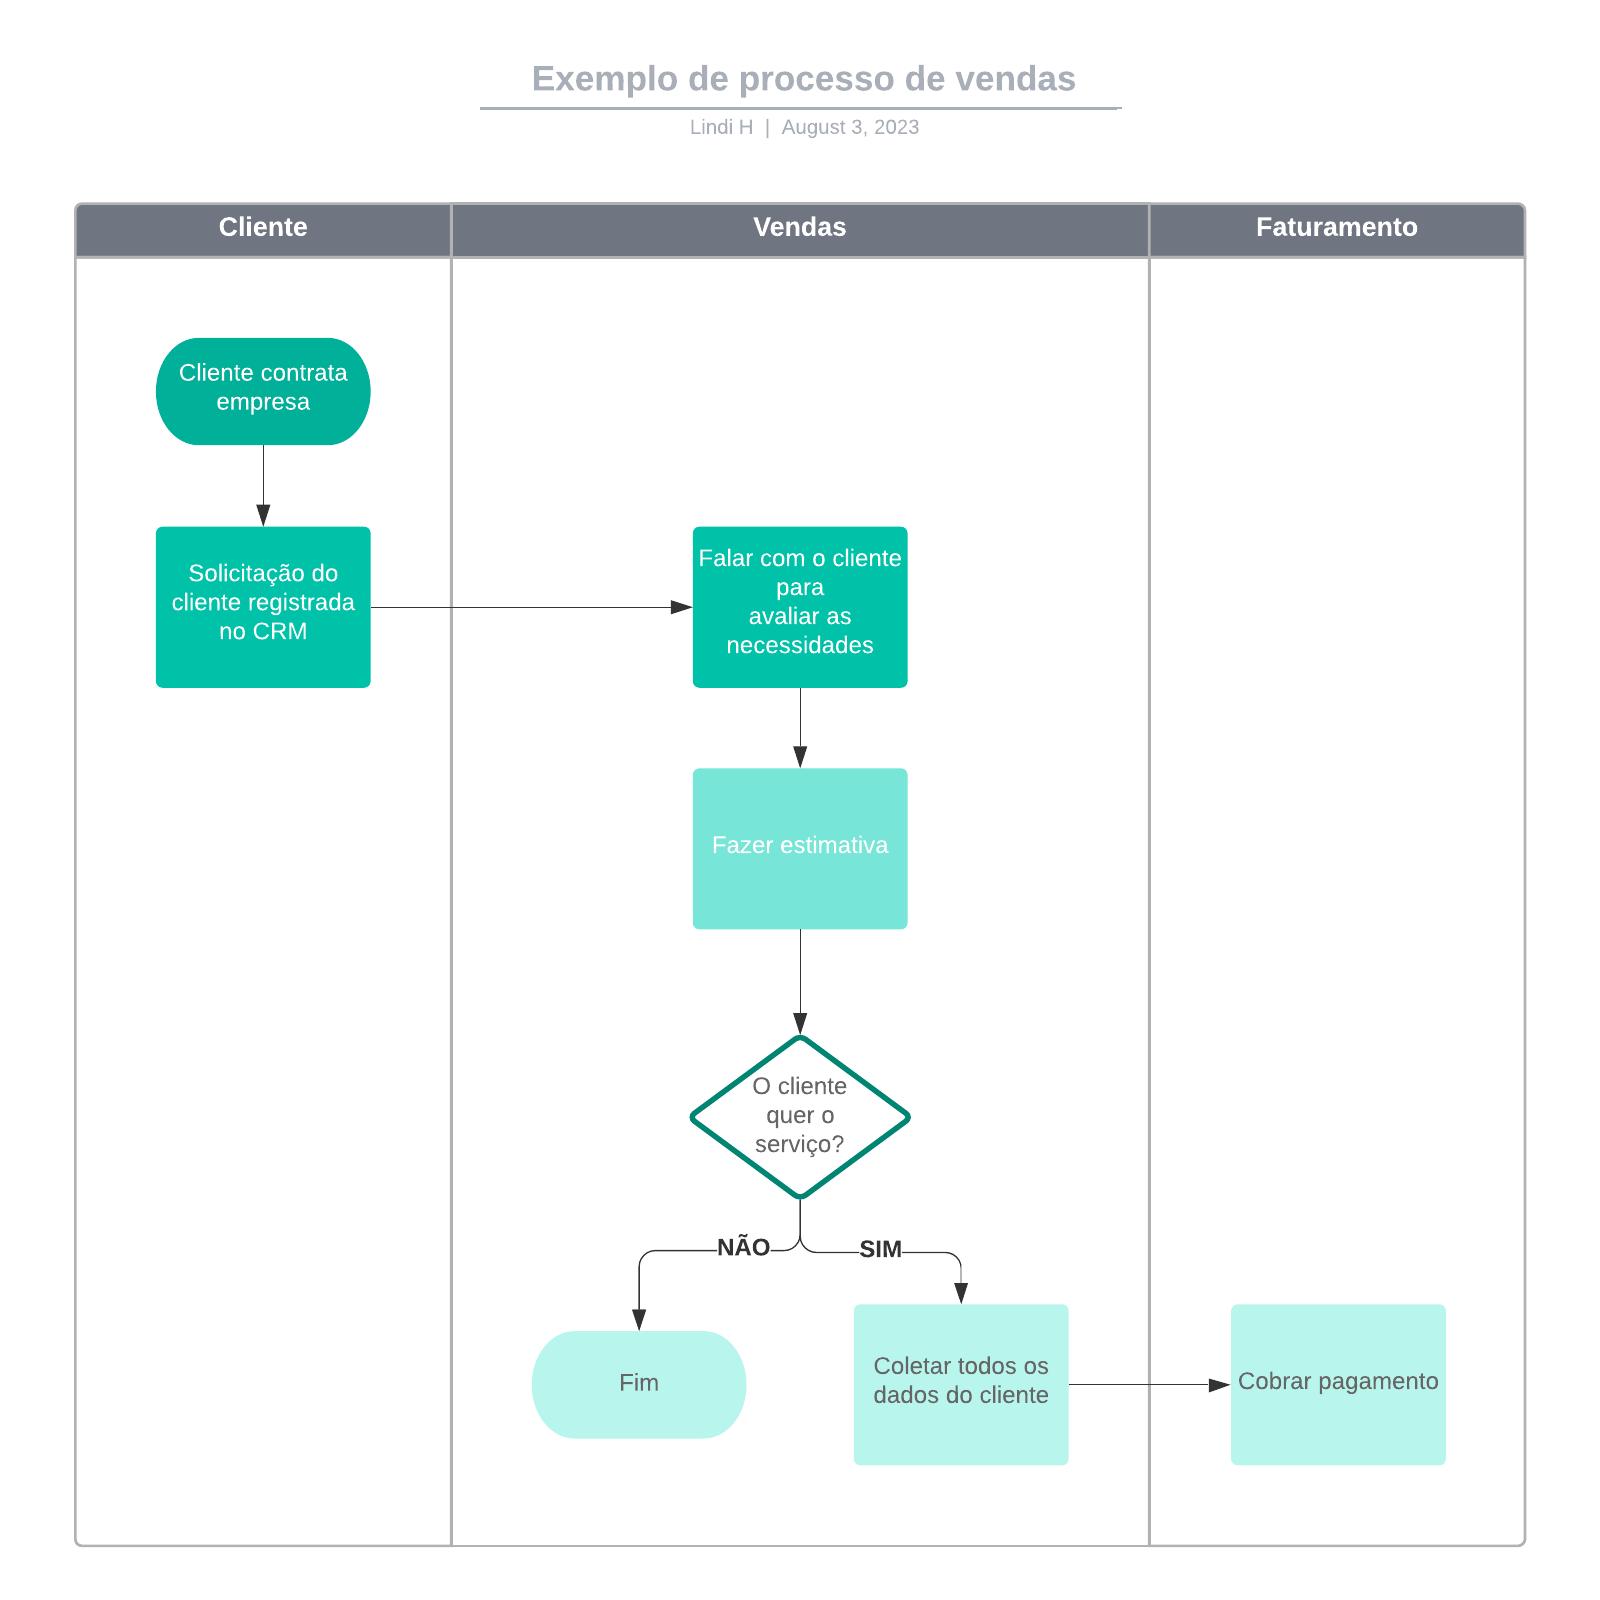 Exemplo de processo de vendas